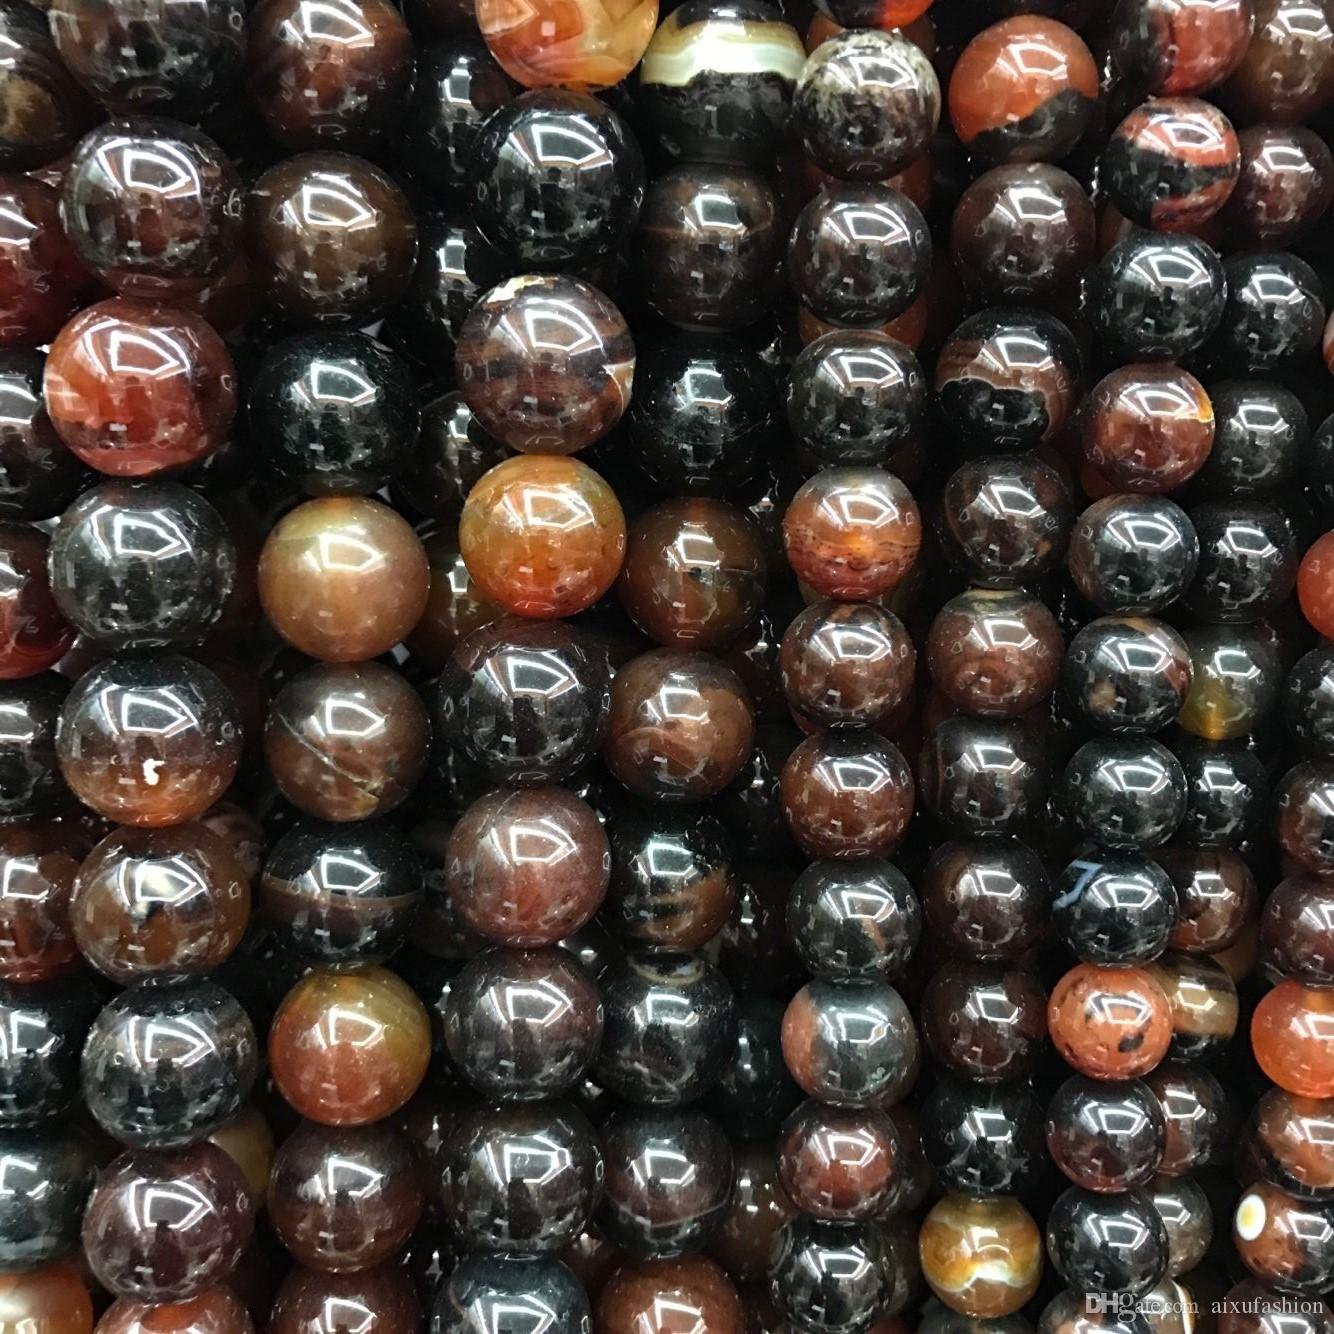 20mm Tea Dragon Gem Polish Beads Al Por Mayor Redonda Abalorio de Piedra Suelta Natural Para La Fabricación de Joyas de Piedra Onyx Diy Pulsera Strand 40 cm